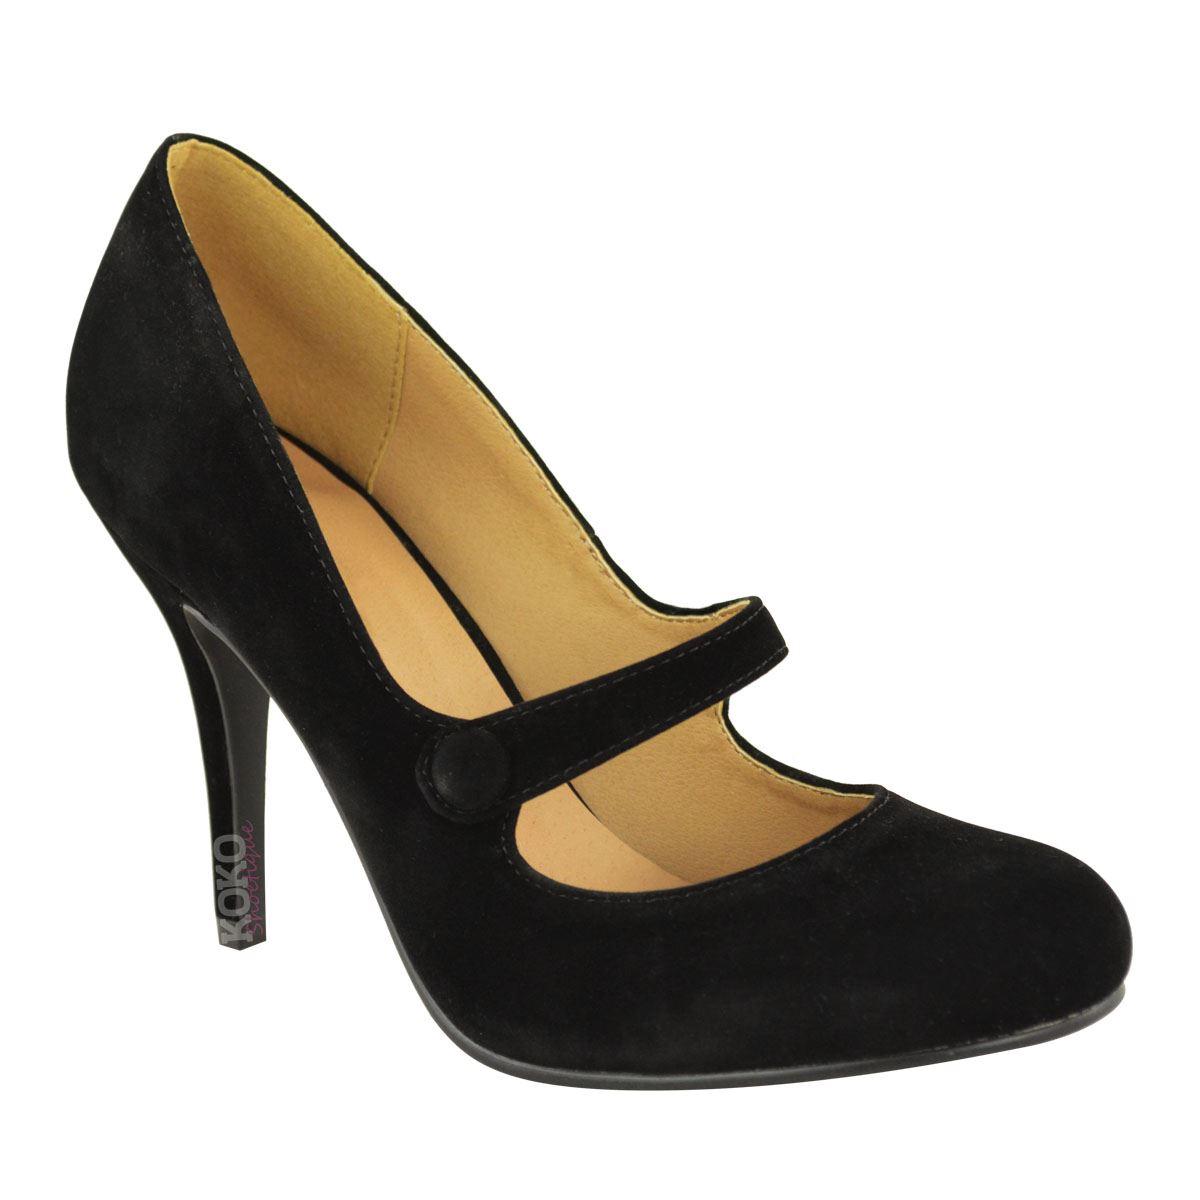 details zu damen pumps mit high heels riemchen absatz hoch. Black Bedroom Furniture Sets. Home Design Ideas